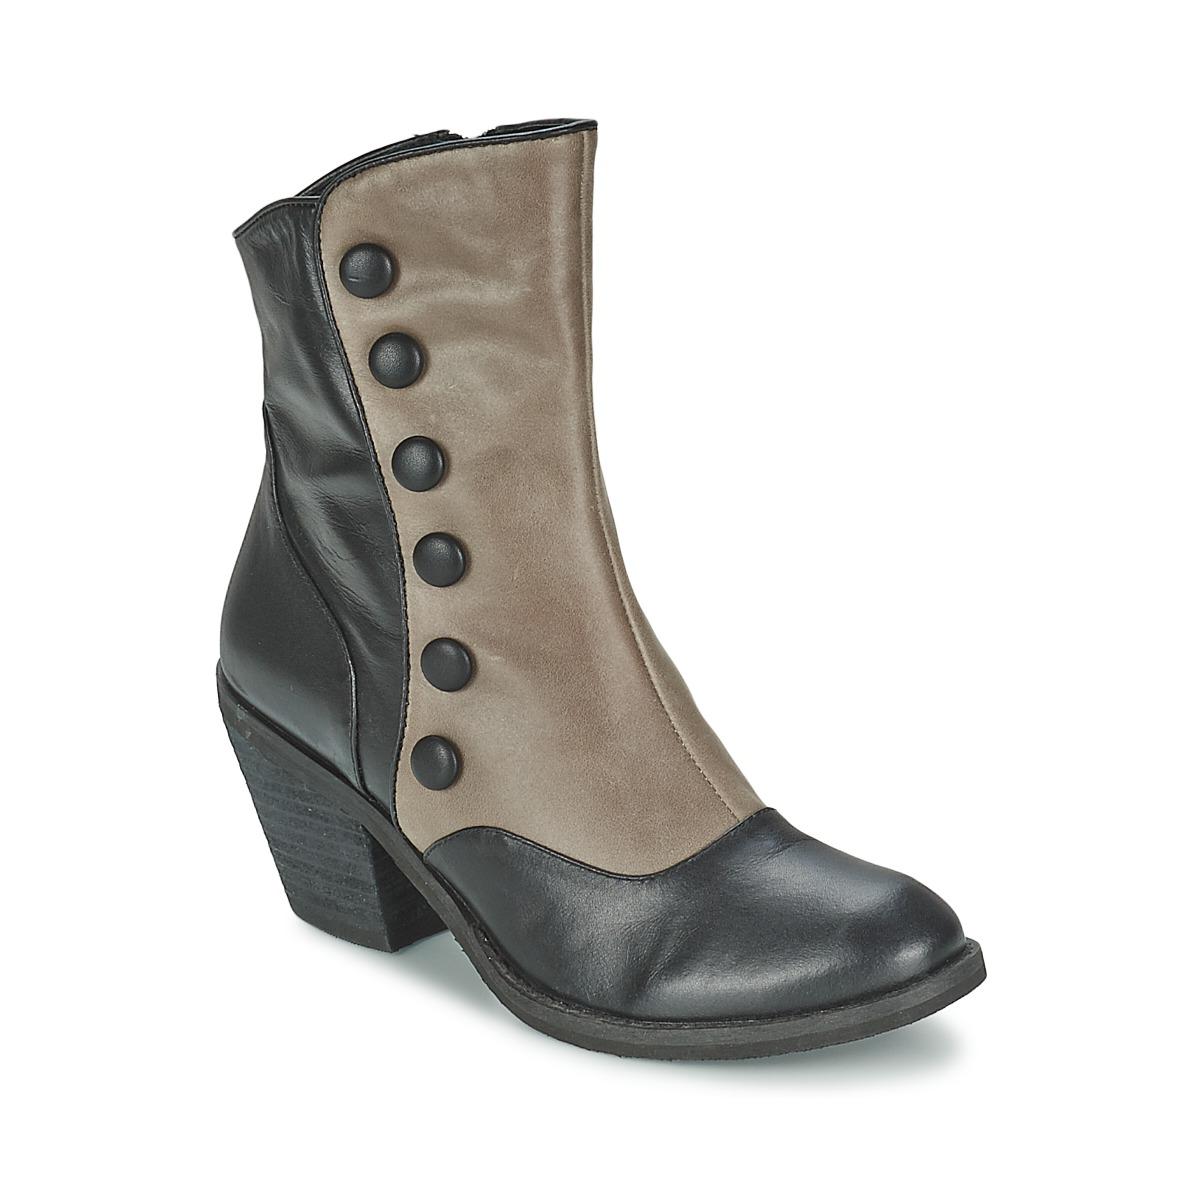 sko store størrelser københavn haugesund